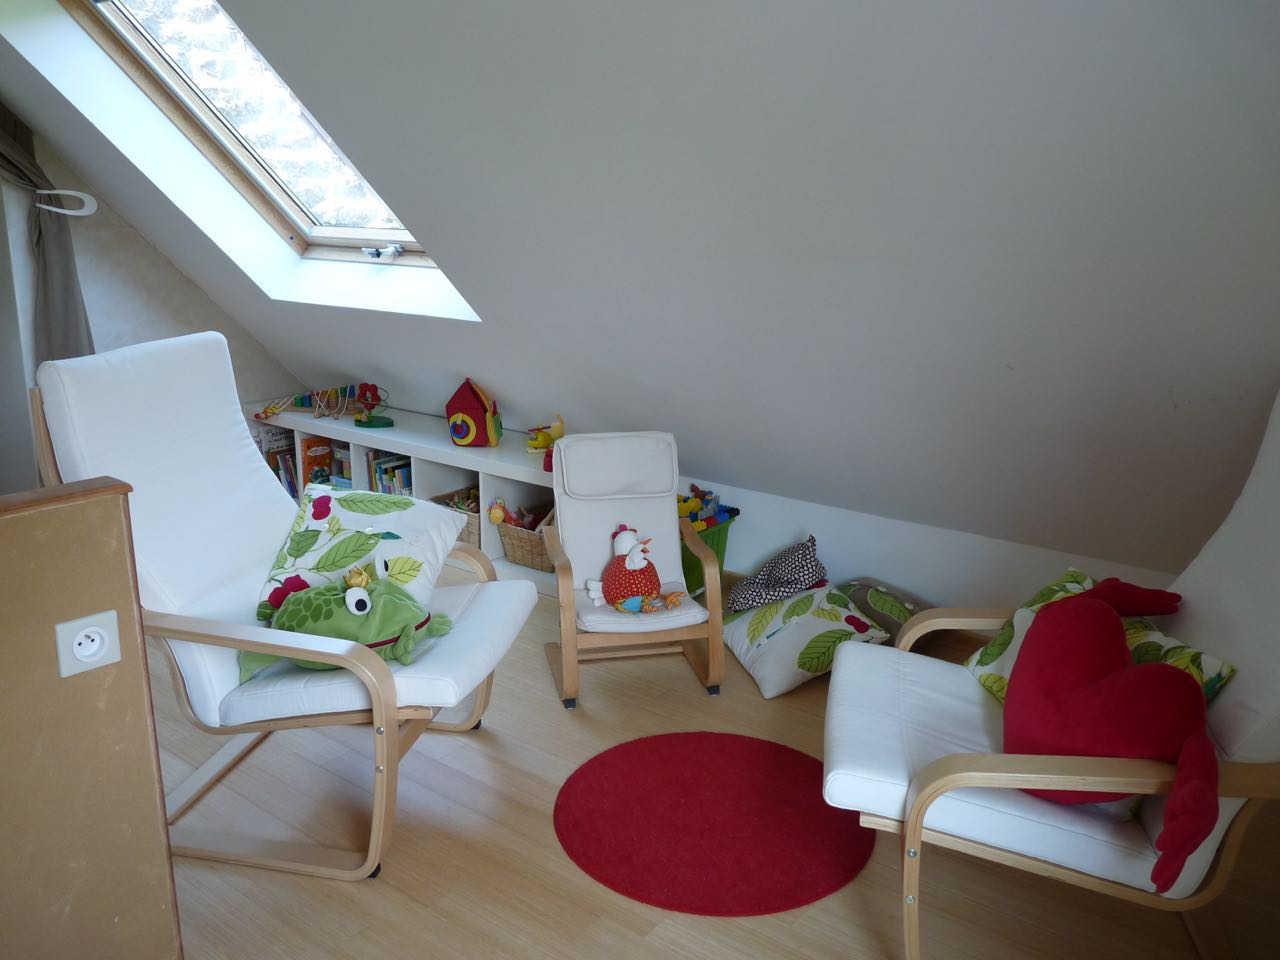 salle de jeux bebe perfect dco salle de jeux rose les ailleurs with salle de jeux bebe cheap. Black Bedroom Furniture Sets. Home Design Ideas